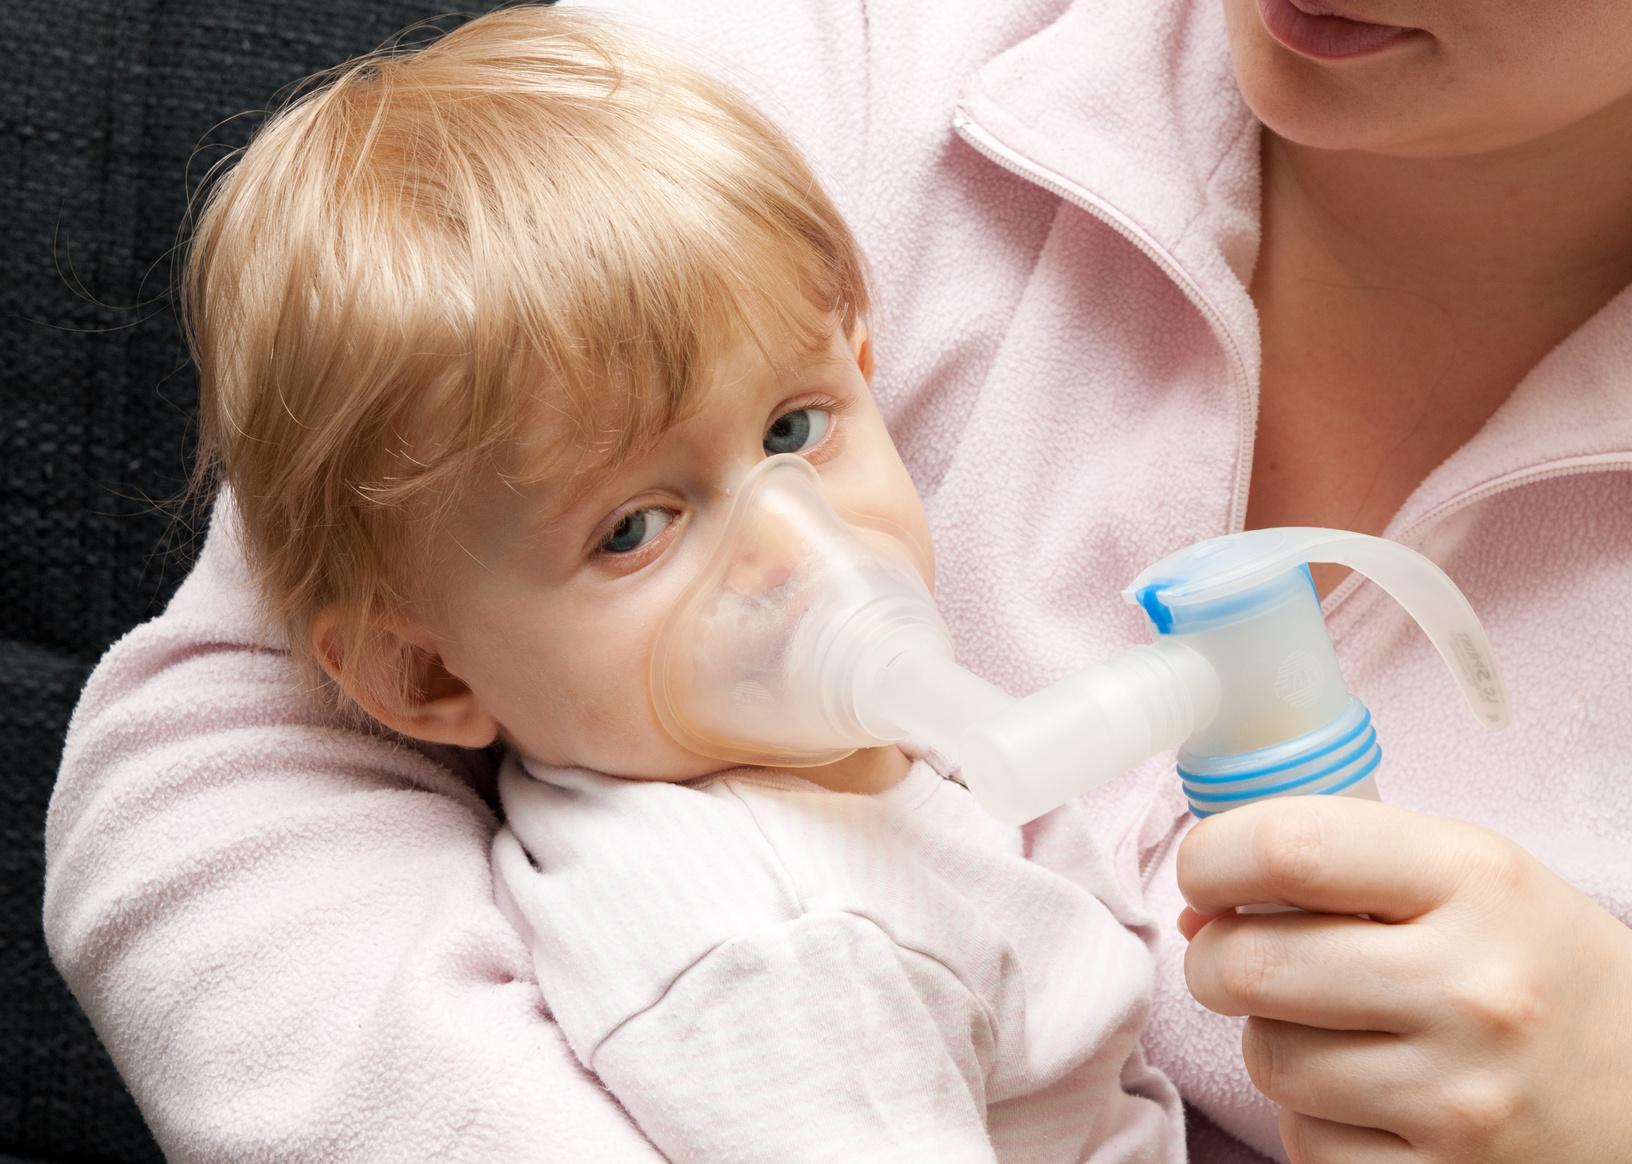 Трахеобронхит у детей: что это такое и как лечить, симптомы и диагностика